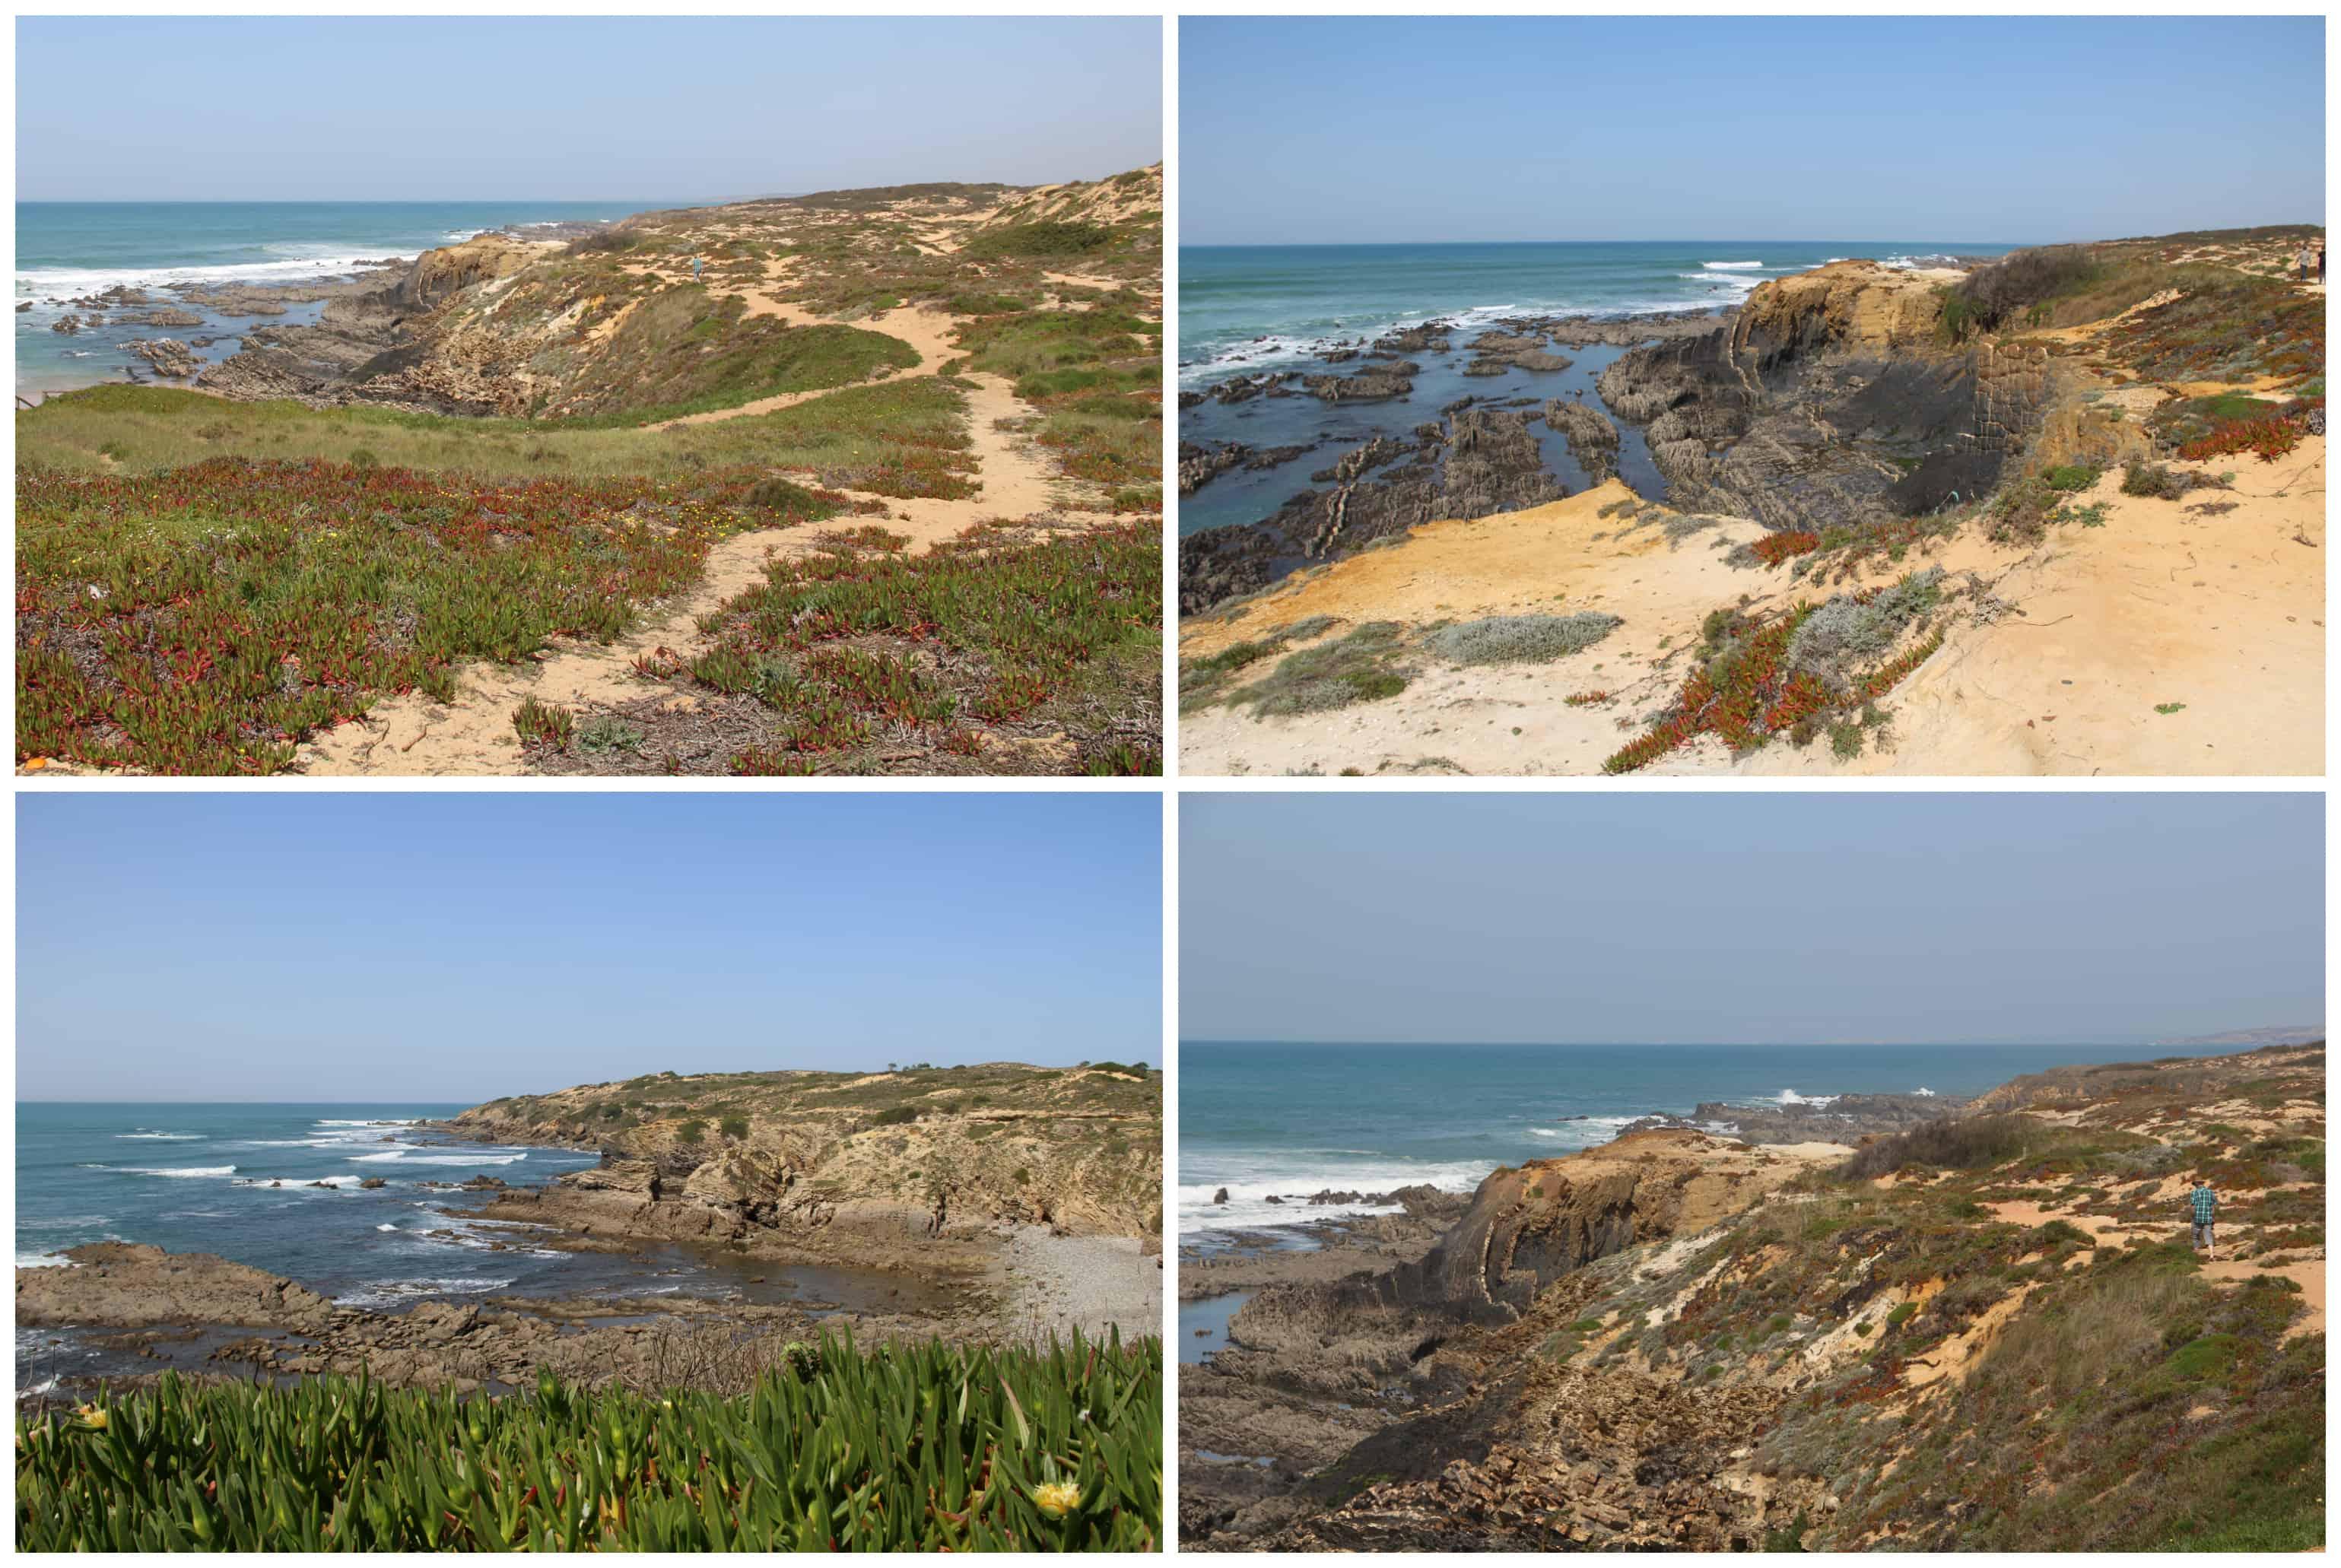 De Alentejo in Portugal heeft een uitgebreid wandelnetwerk (de Rota Vicentina). Het mooiste deel daarvan is de Fisherman's Trail langs de kust